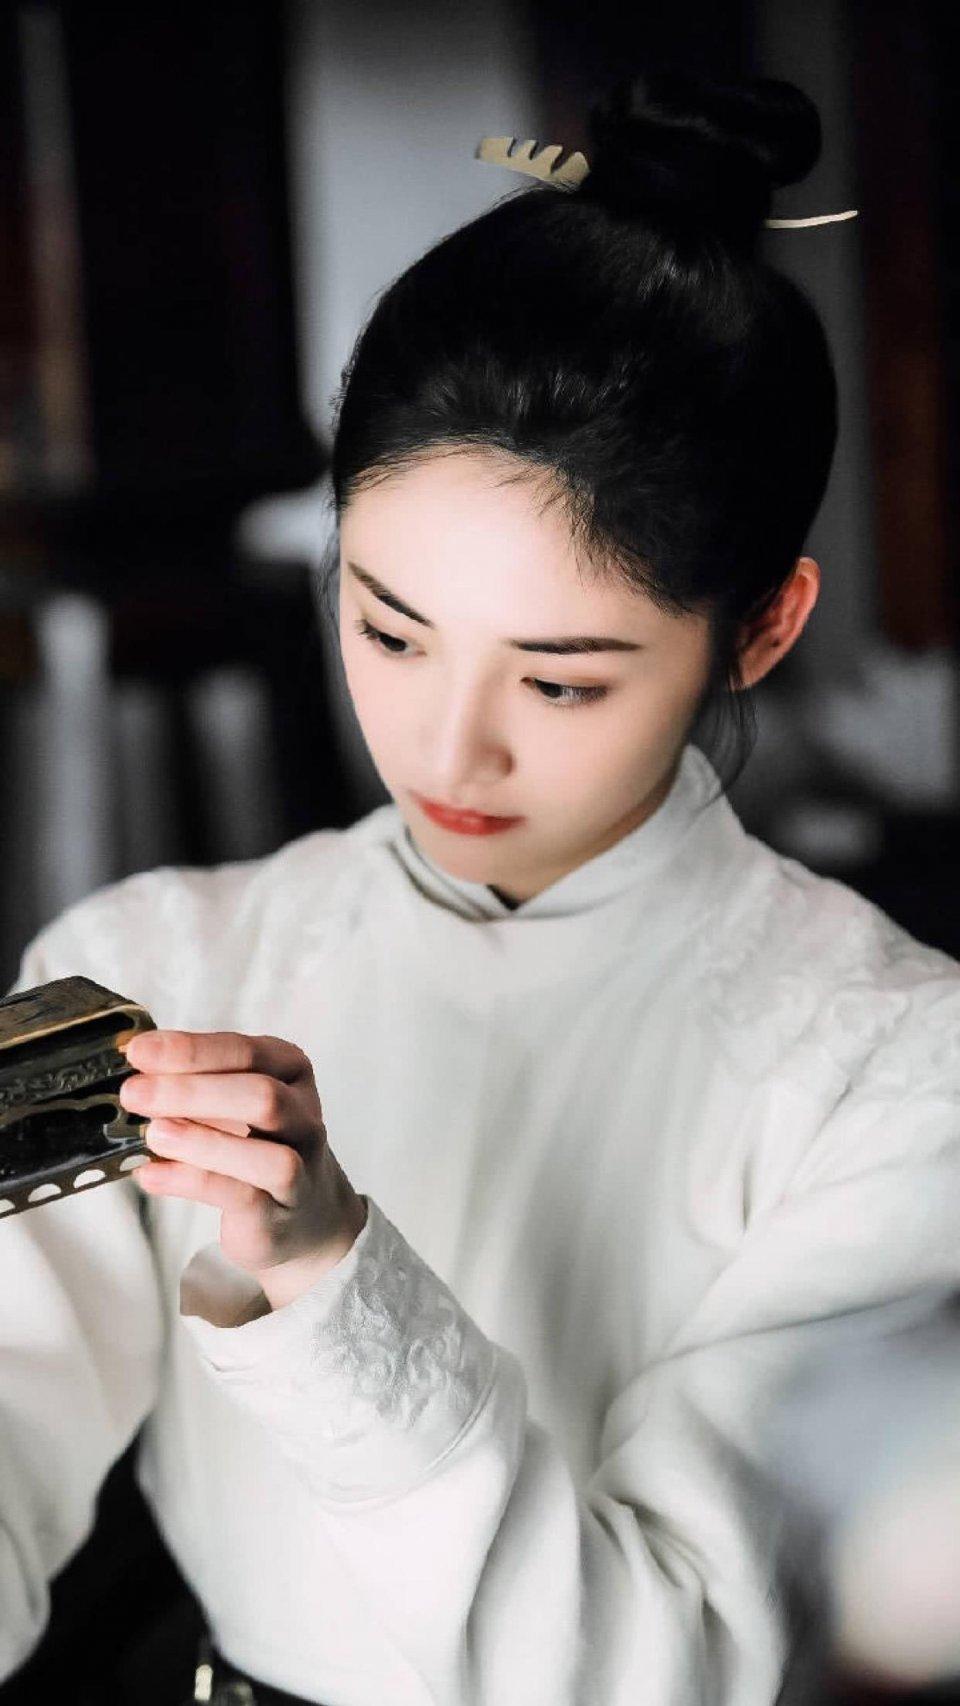 《大唐女法医》最新剧照一览 女主周洁琼身姿曼妙美如画